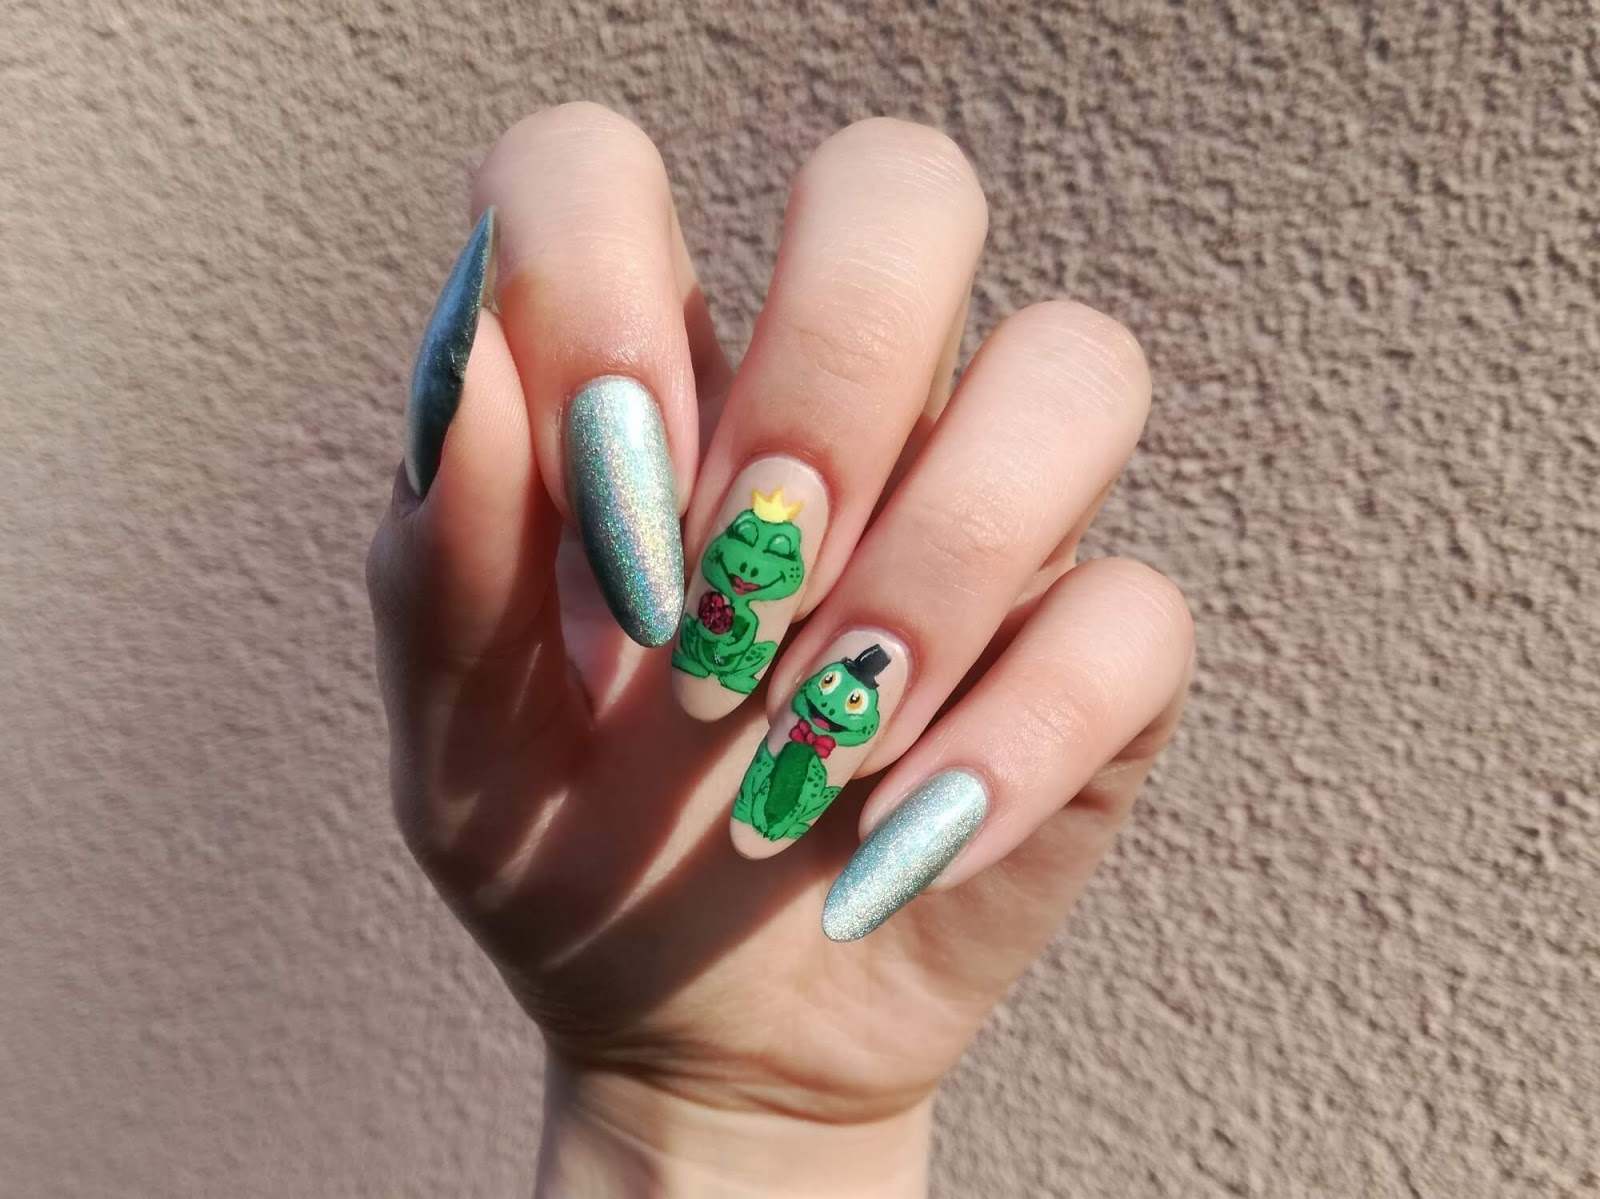 żabki na paznokciach